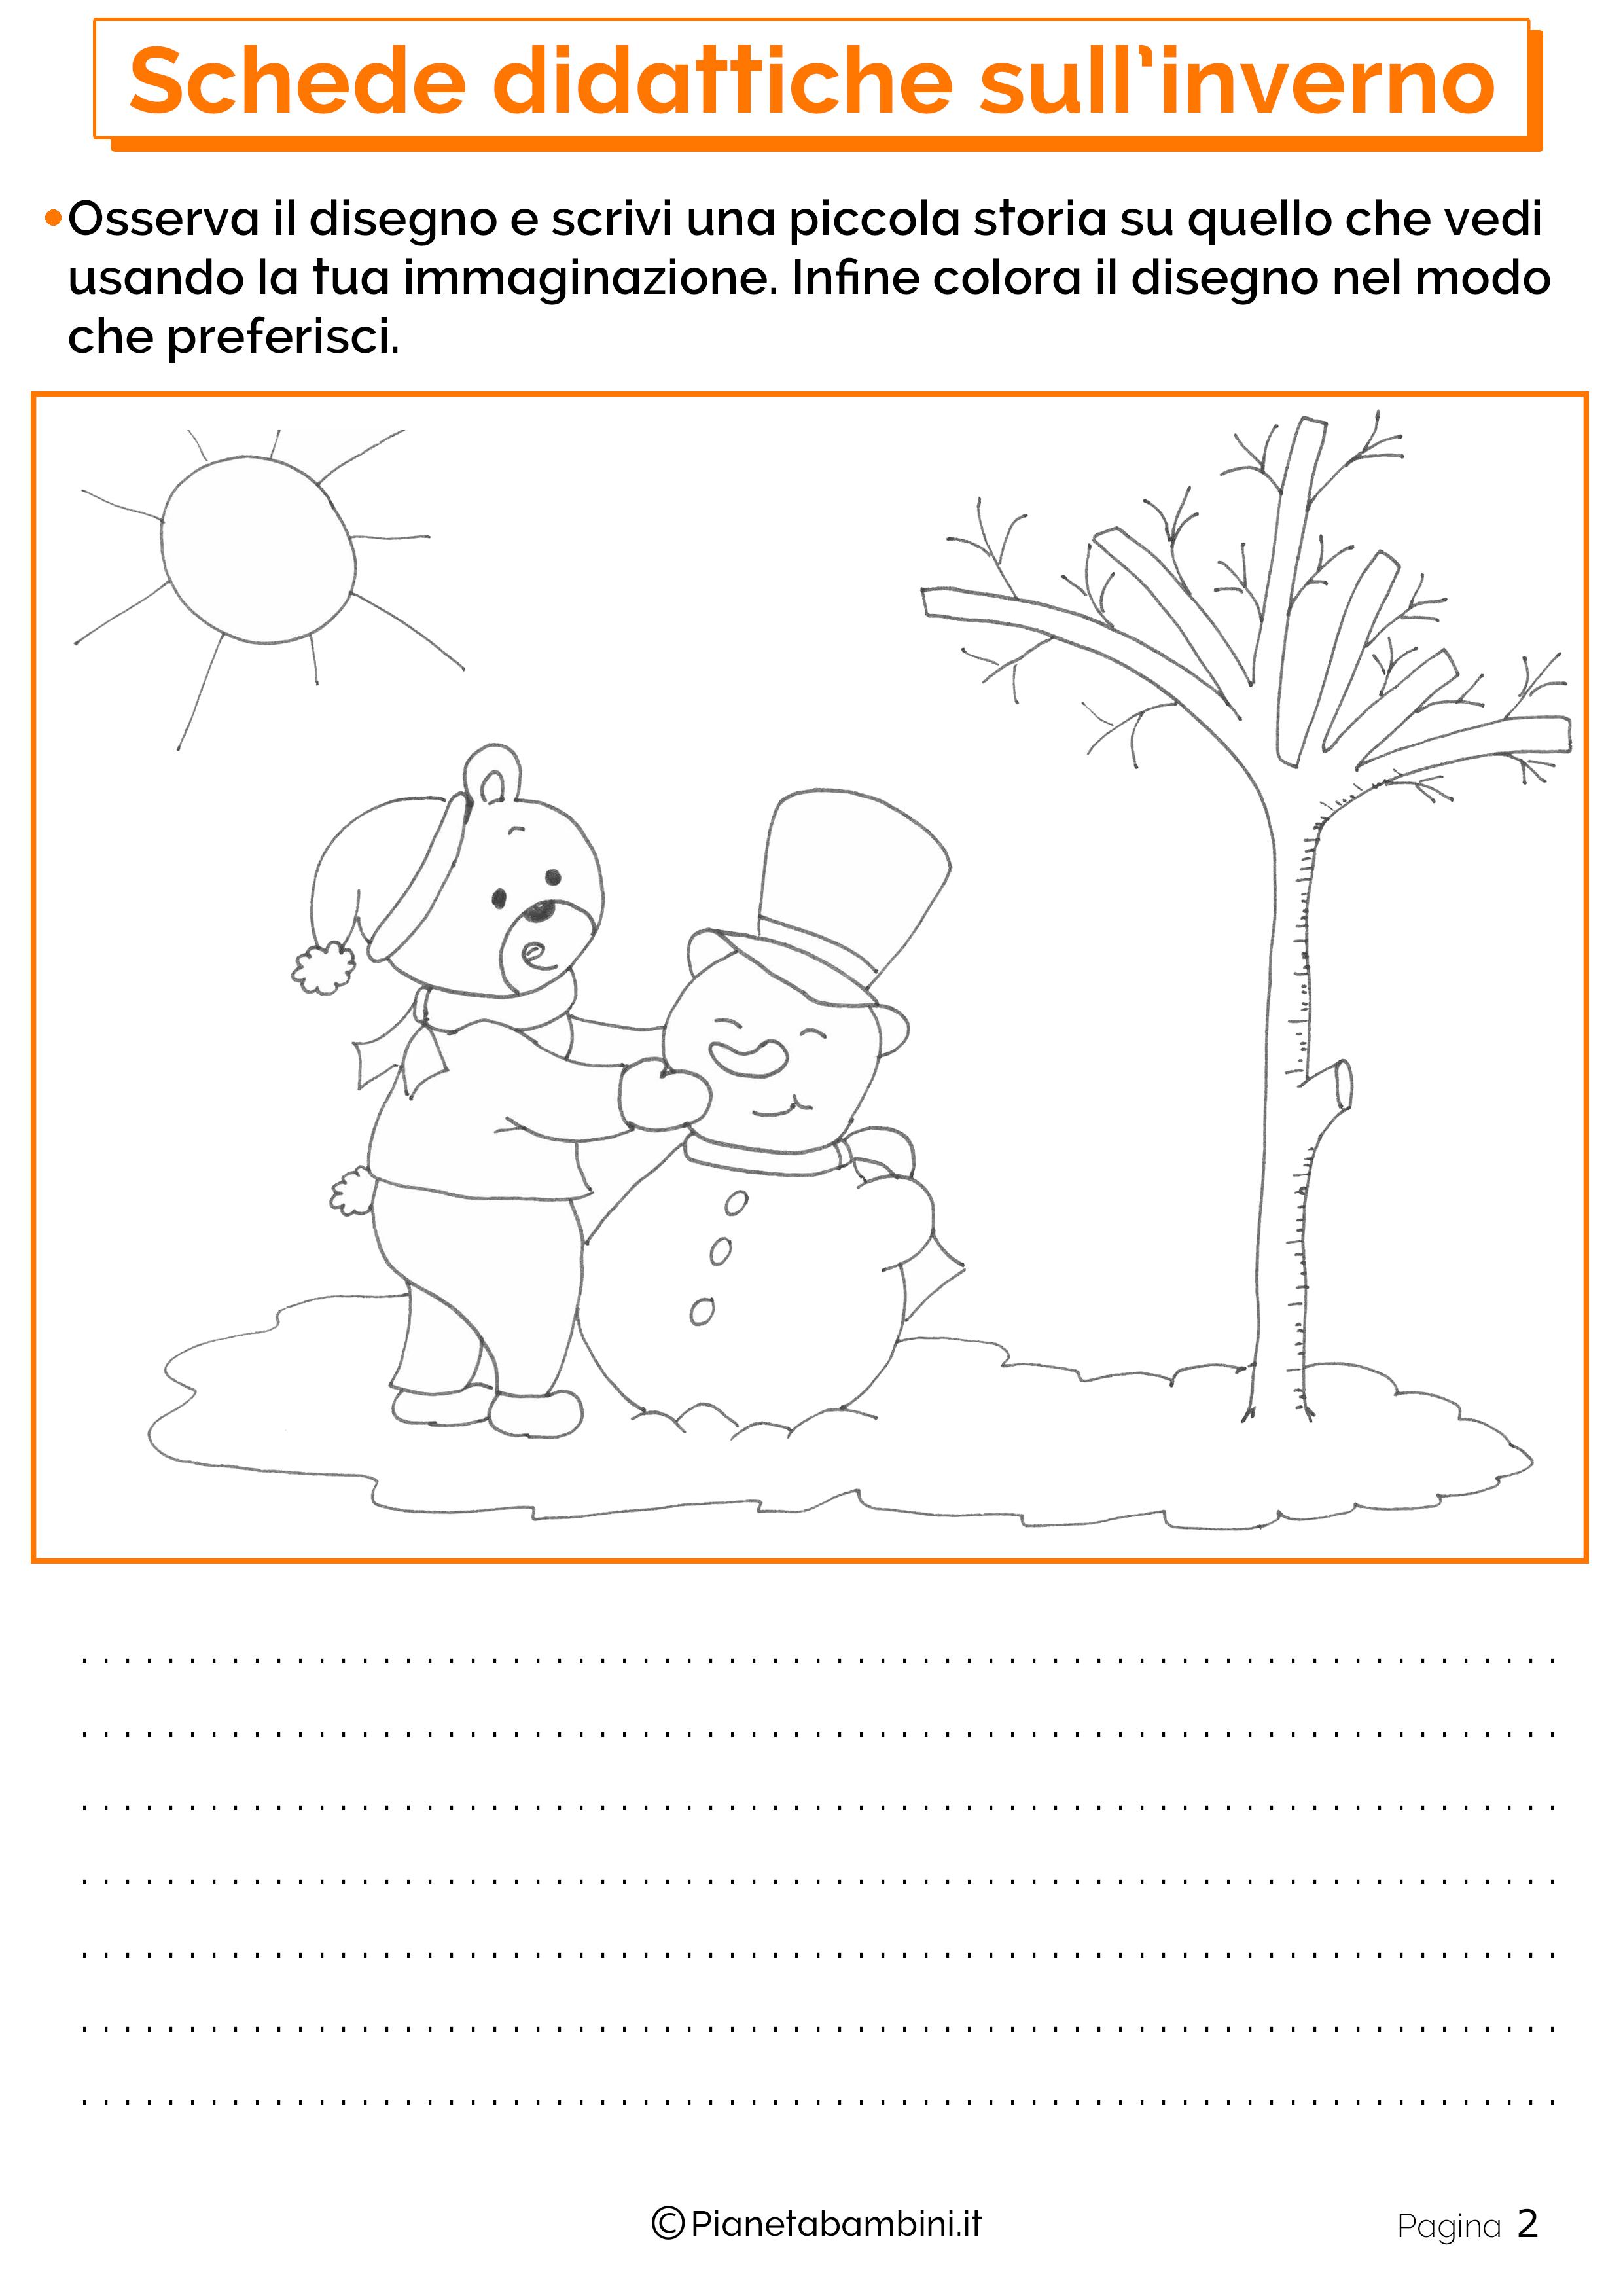 Schede Didattiche Sull Inverno Per La Scuola Primaria Racconti